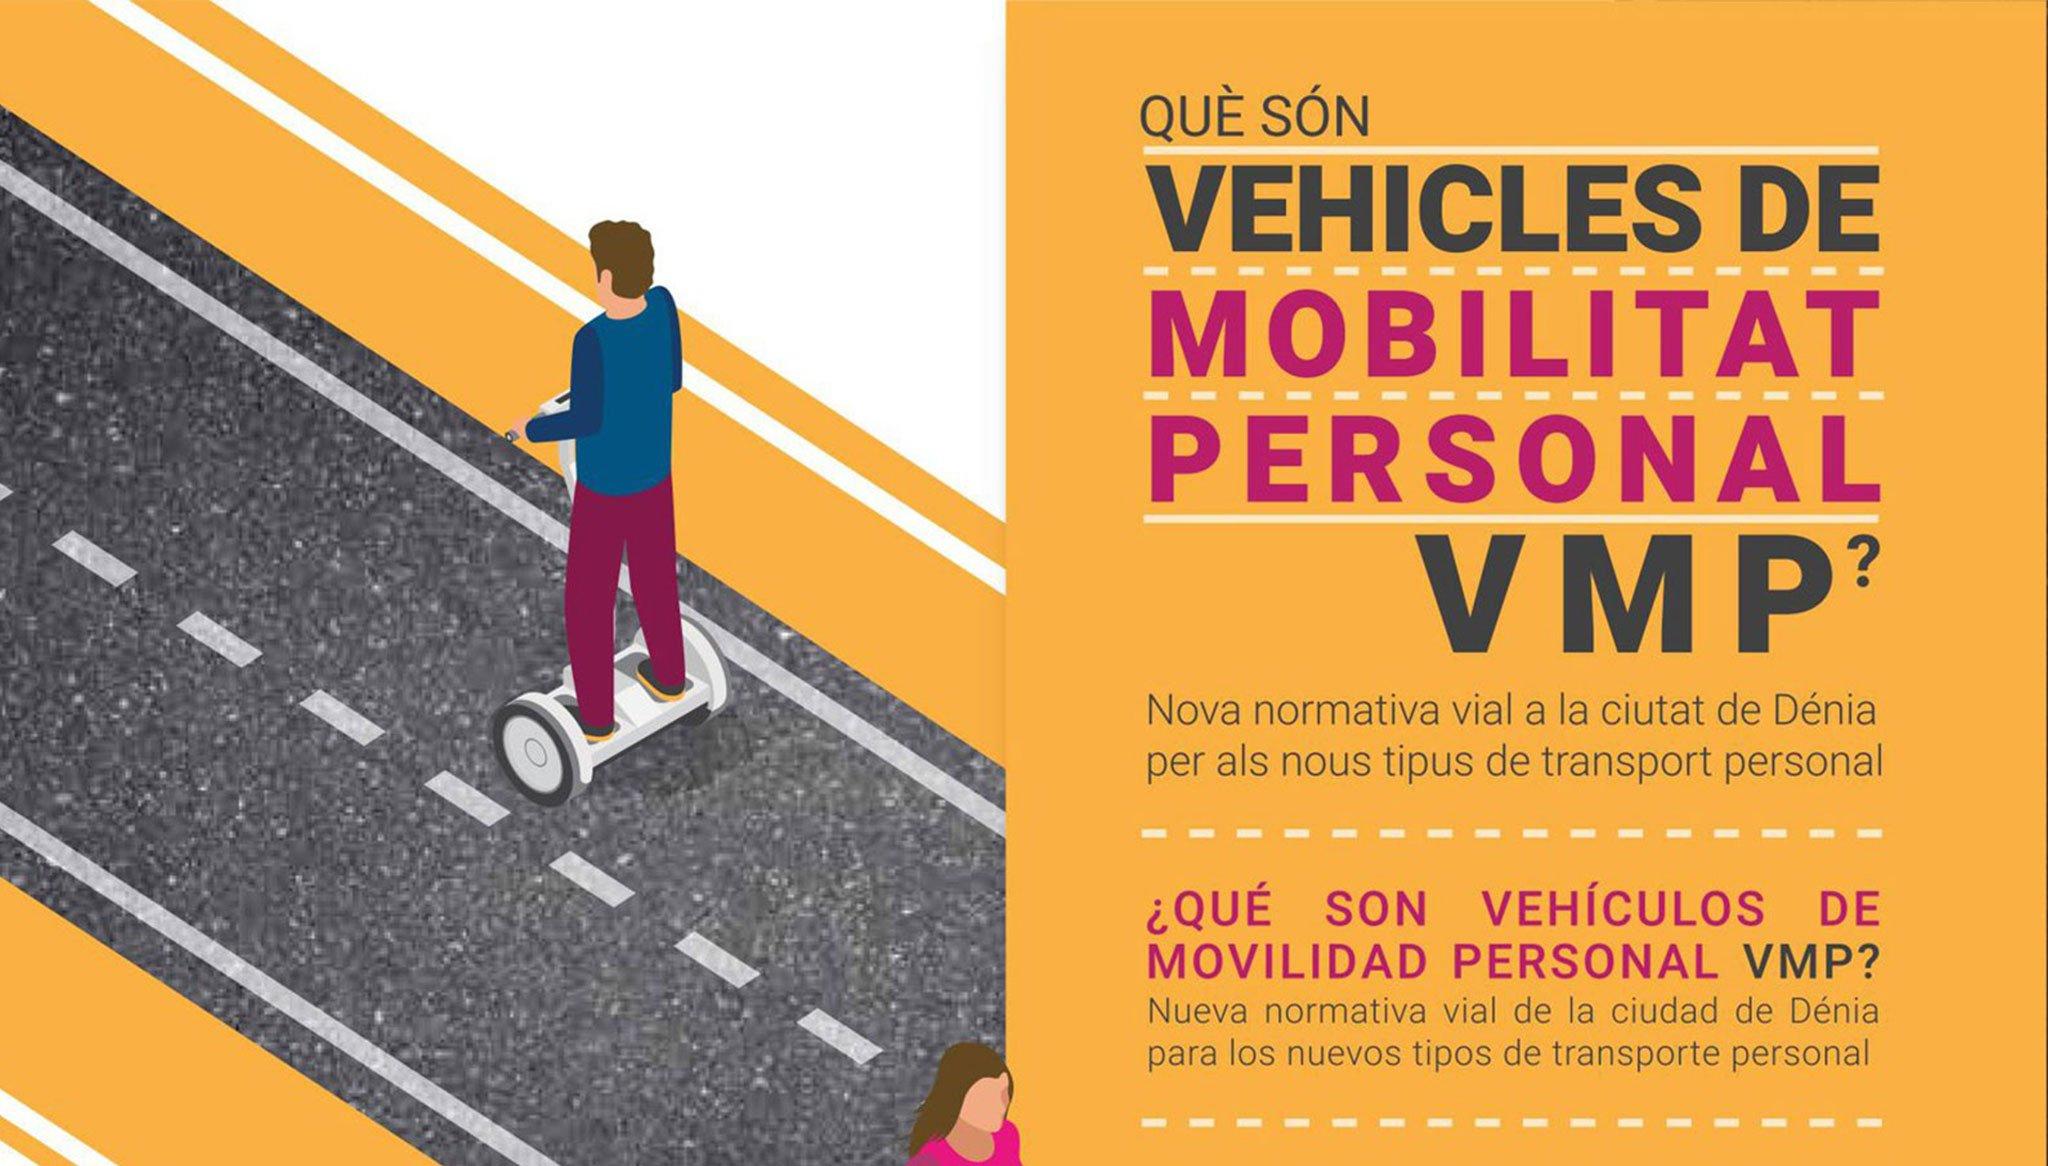 Cartel informativo sobre Vehículos de Movilidad Personal – Gestoría Puig Cañamás